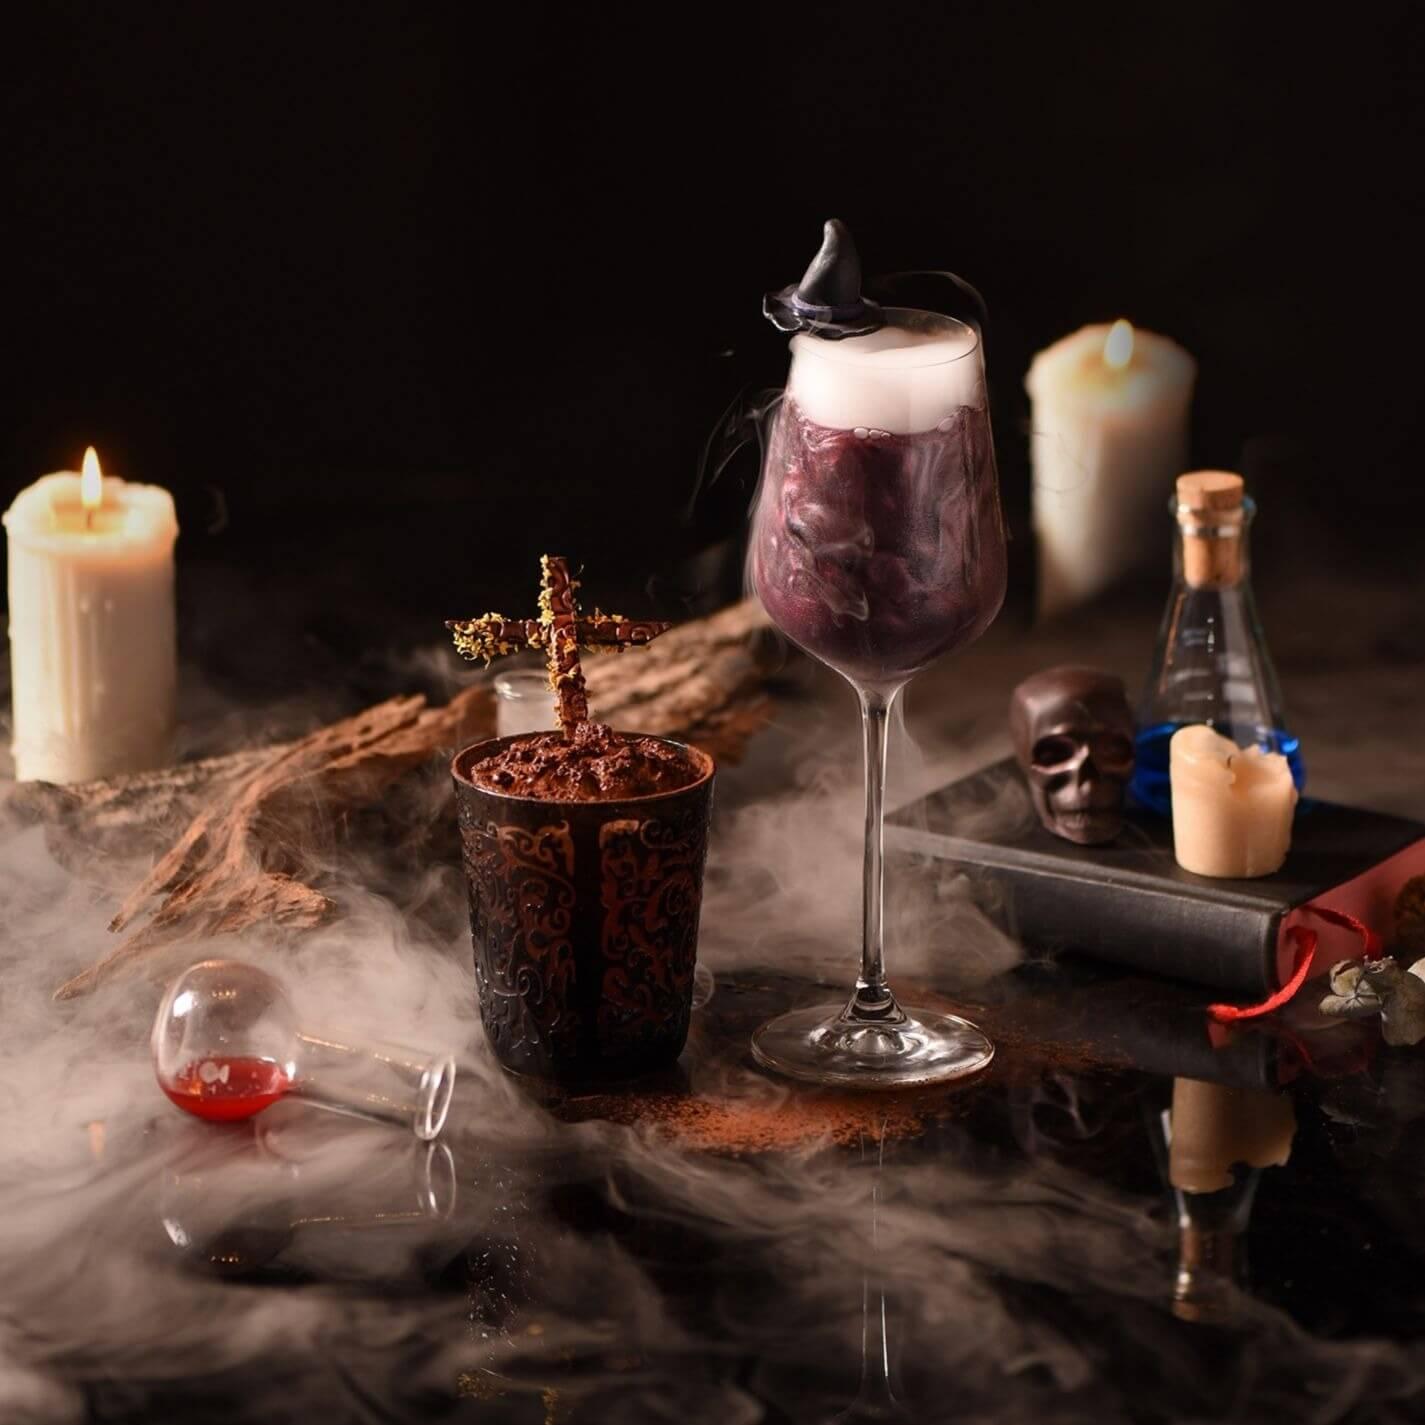 萬聖節特調修道怨 W Monastery (L) 女巫迷魂Witch Craft(R) 。(圖/台北W飯店提供)